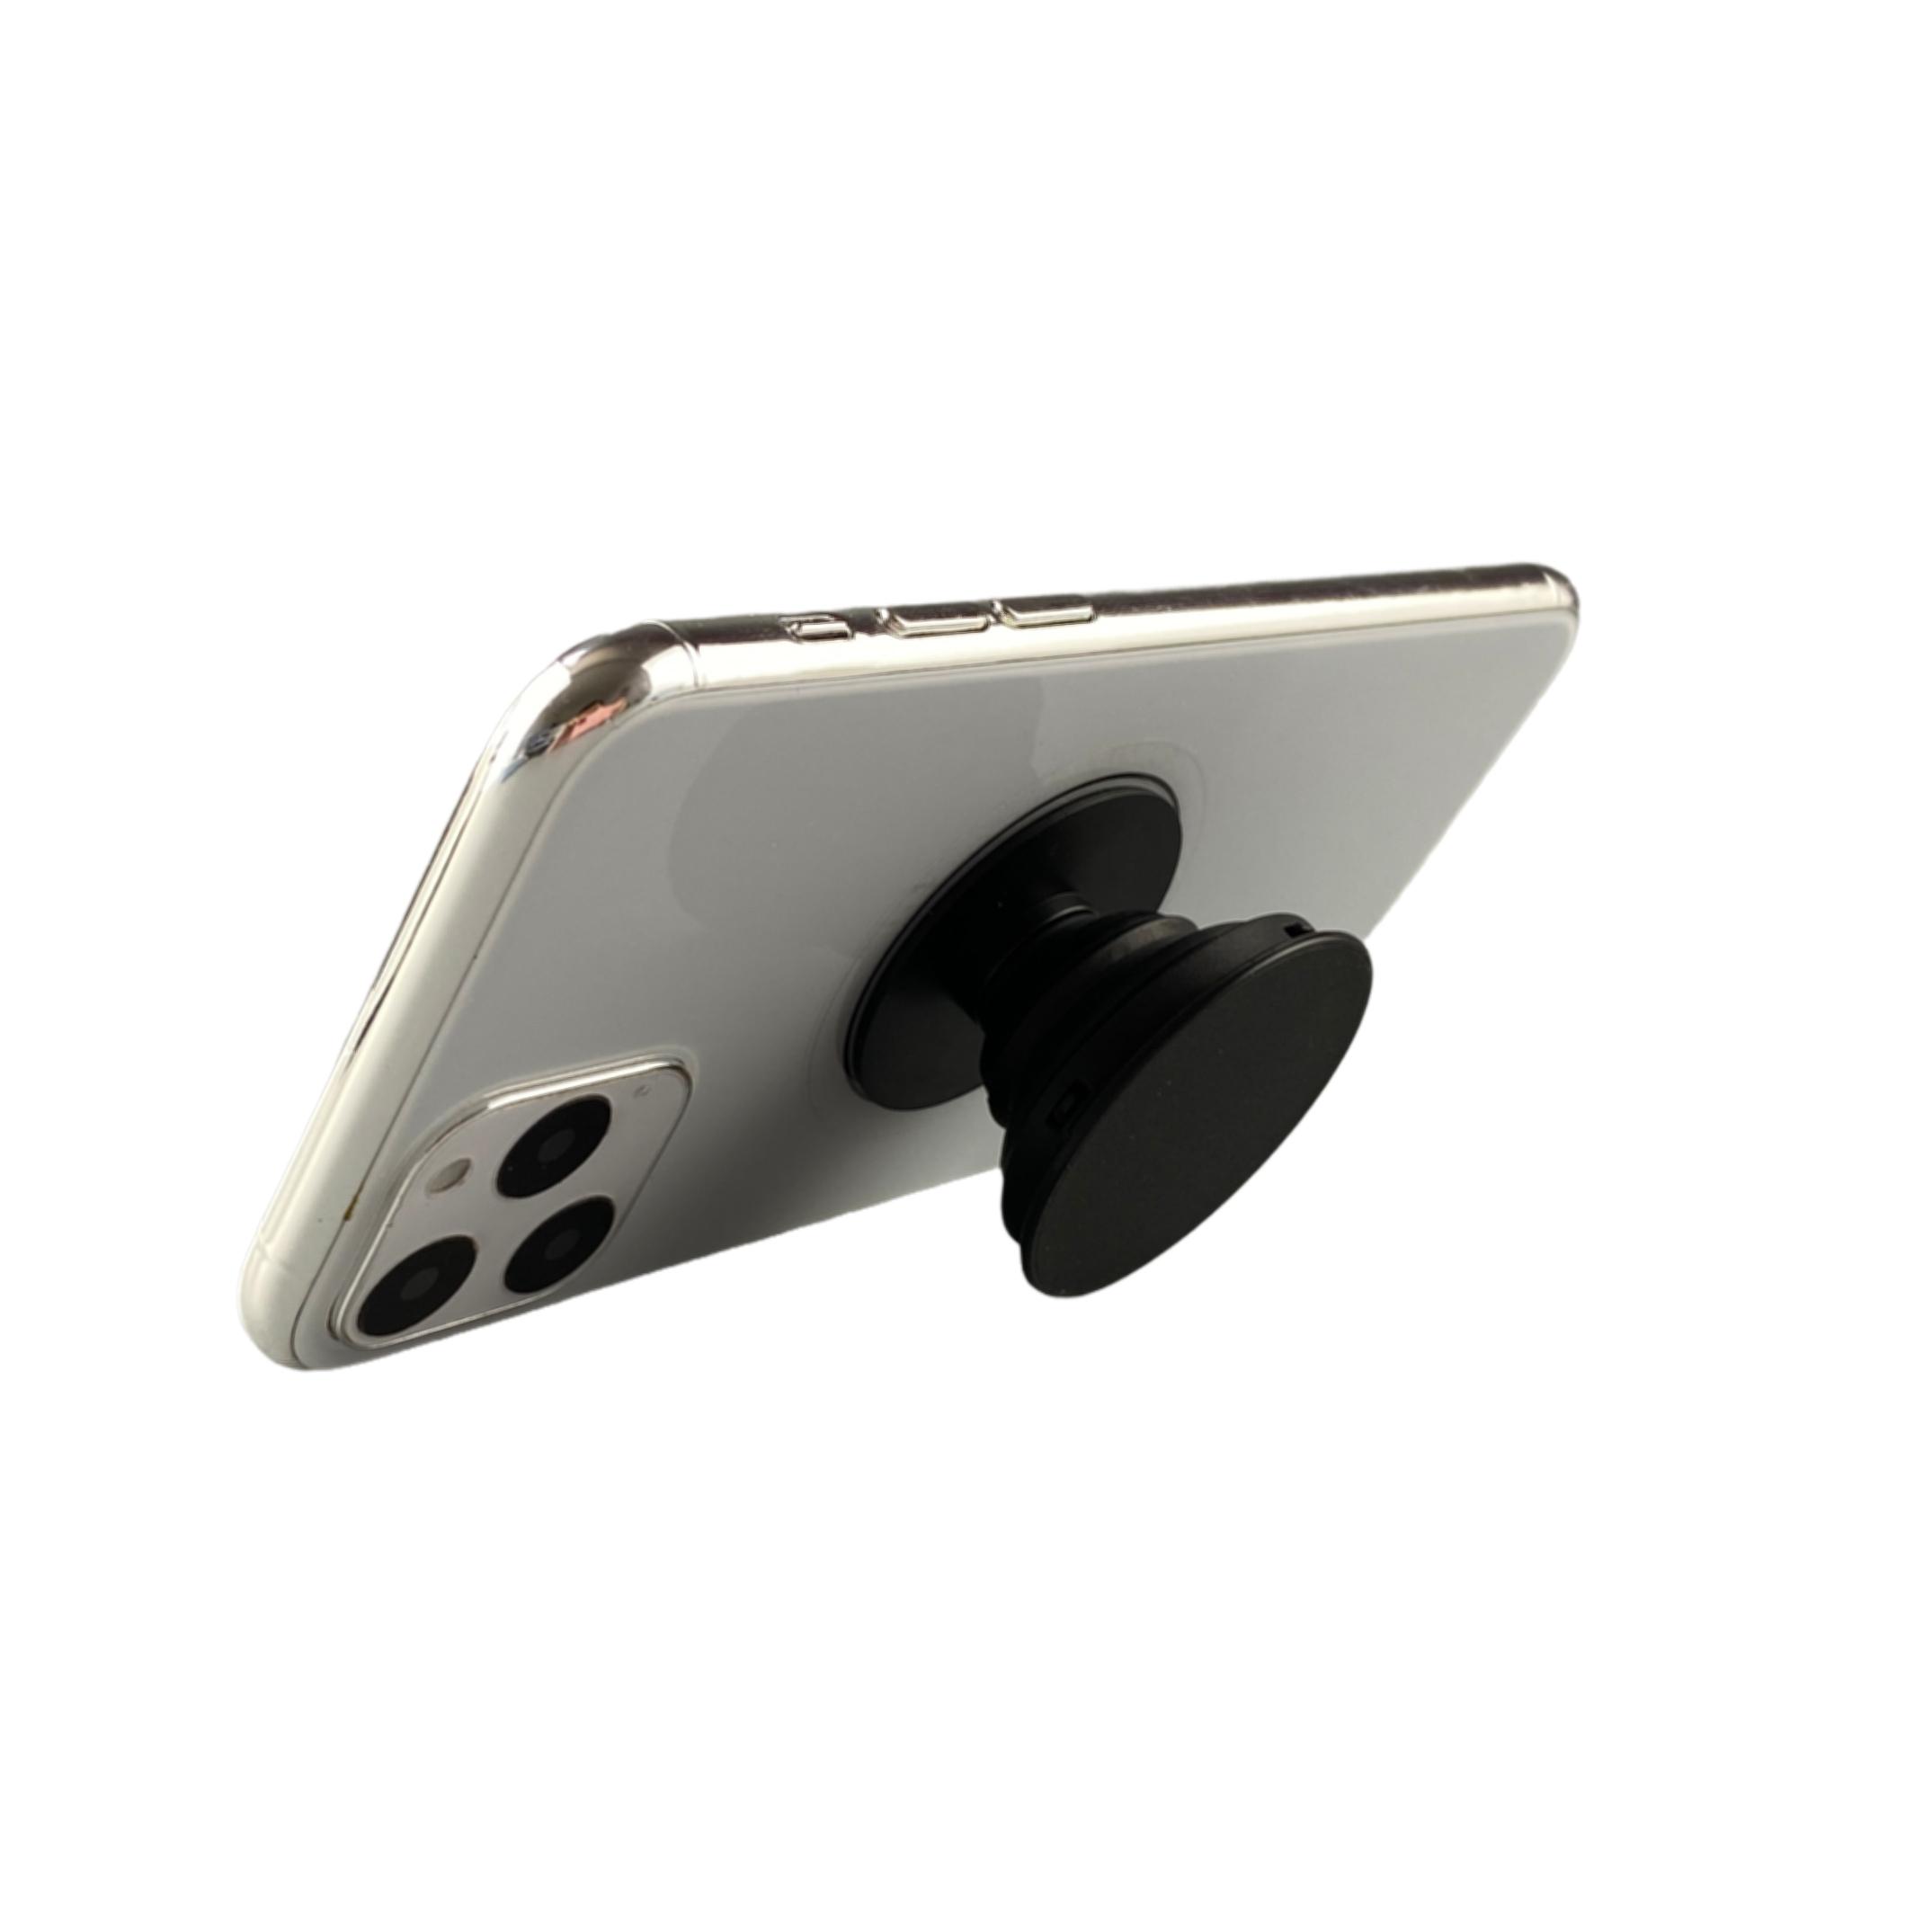 ins风直播气囊手机壳后支架扣折叠指环车载磁吸网红同款复古纯色